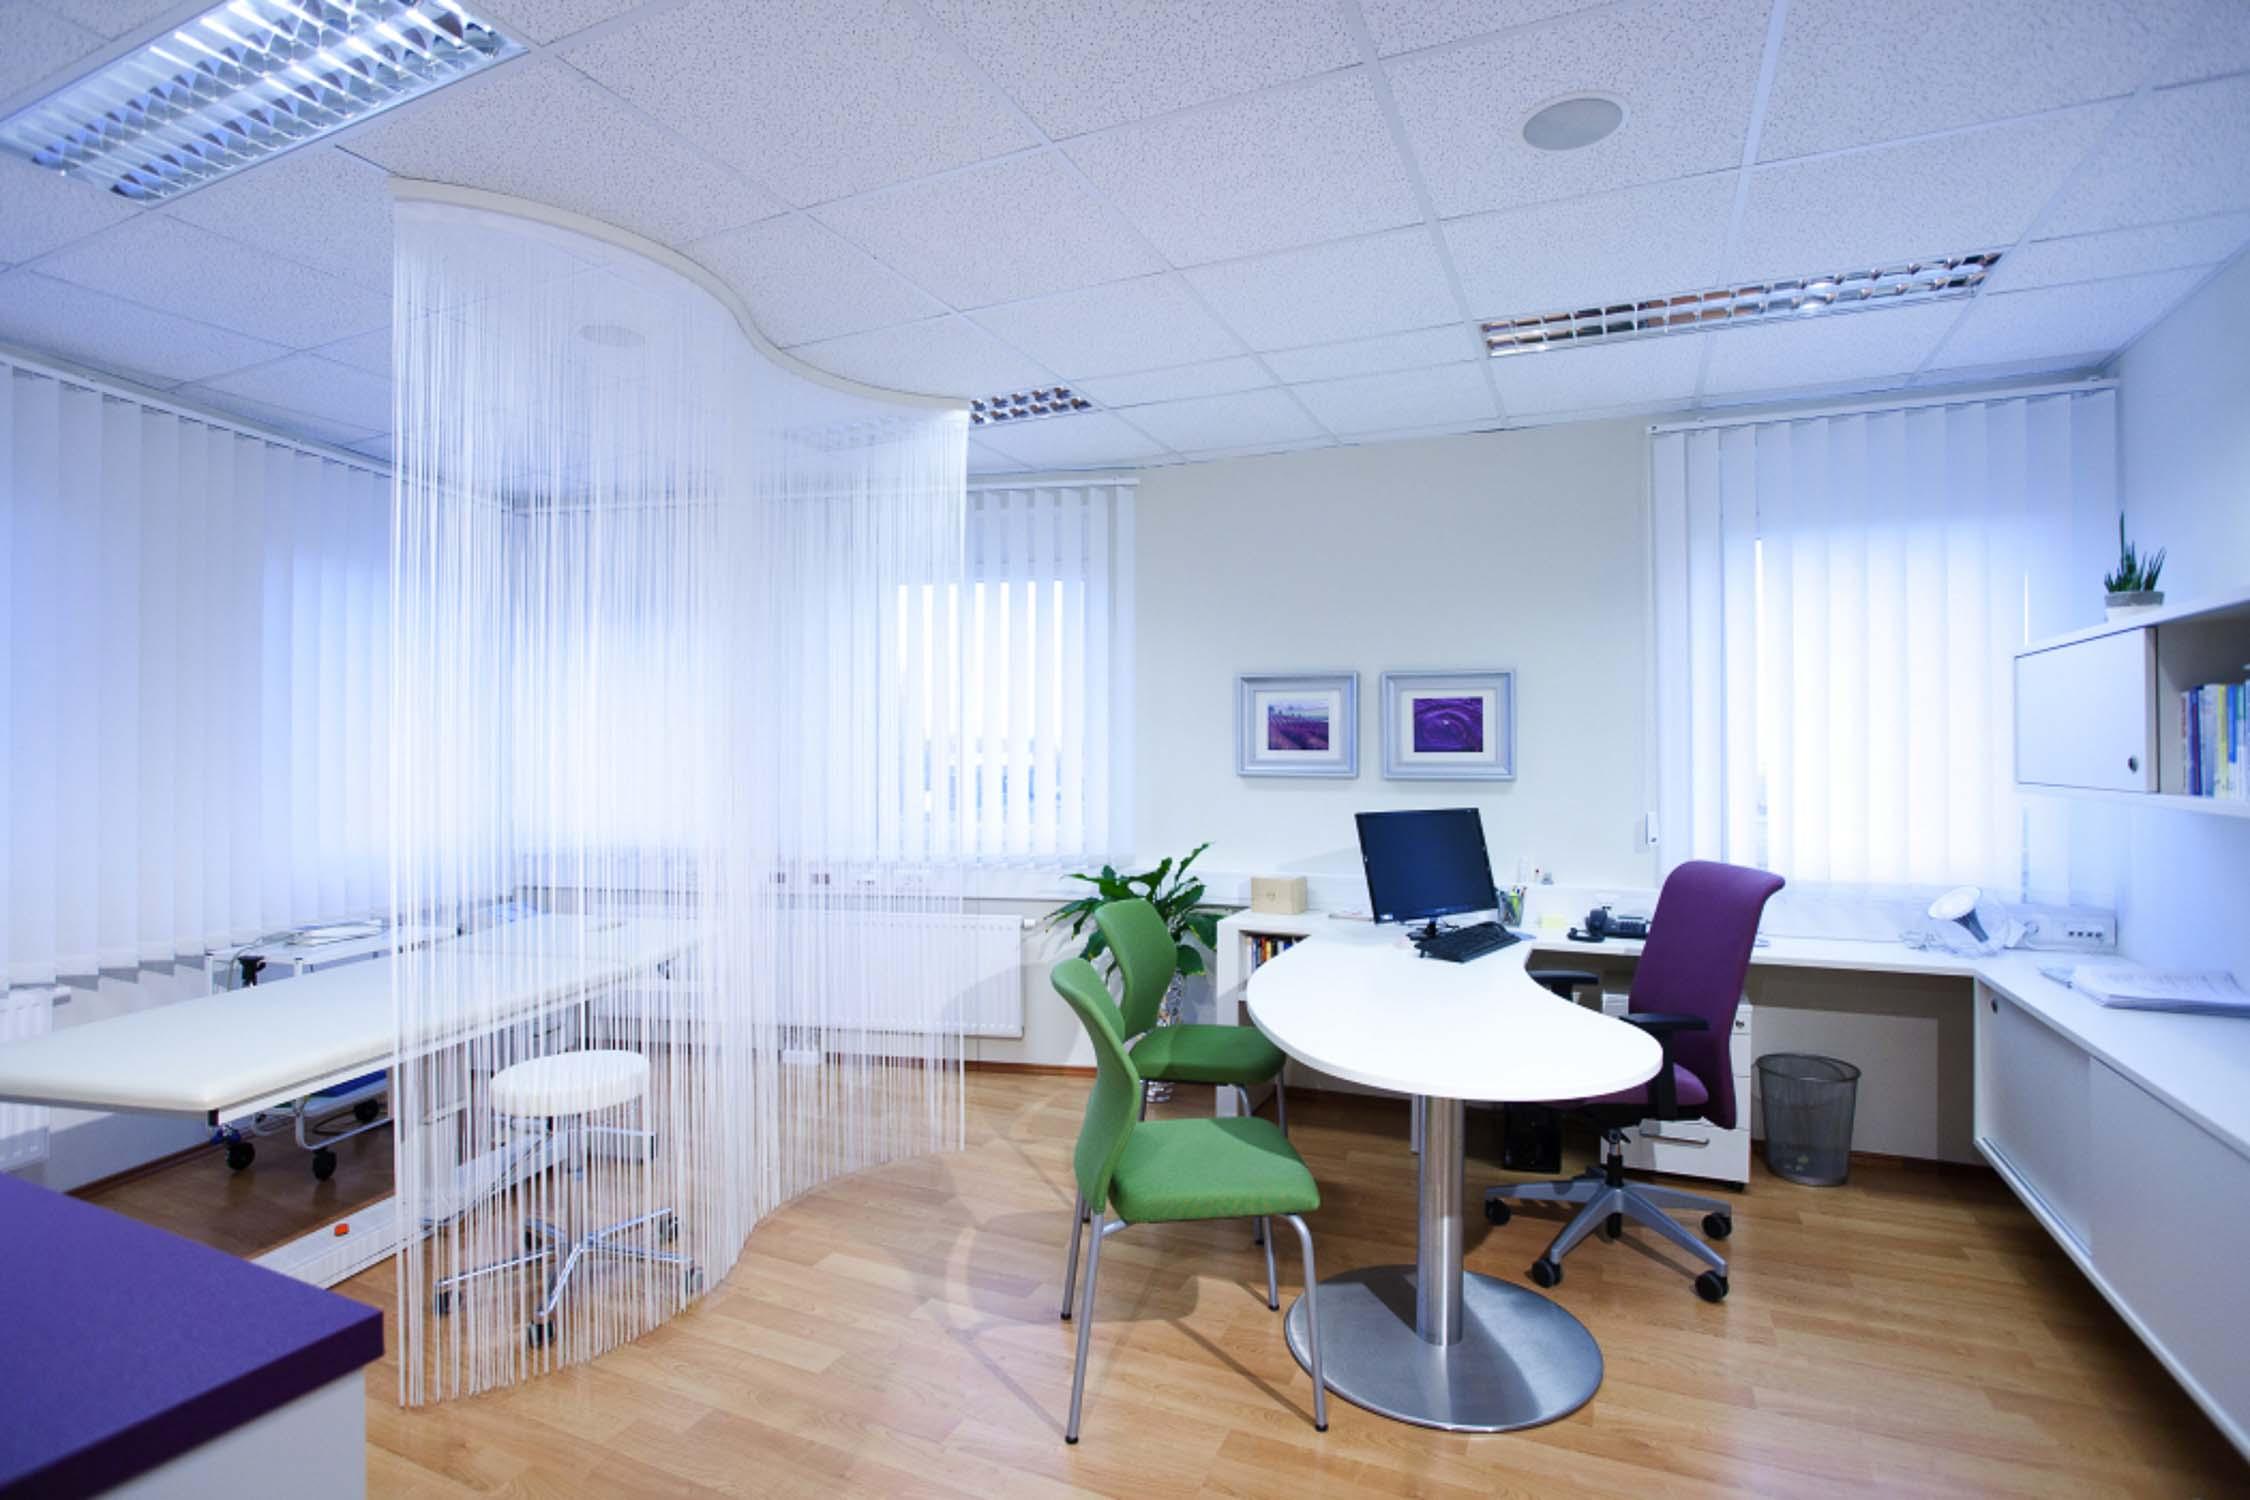 Praxisfotograf Fotografie für Unternehmen Fotograf Berlin0217.jpg